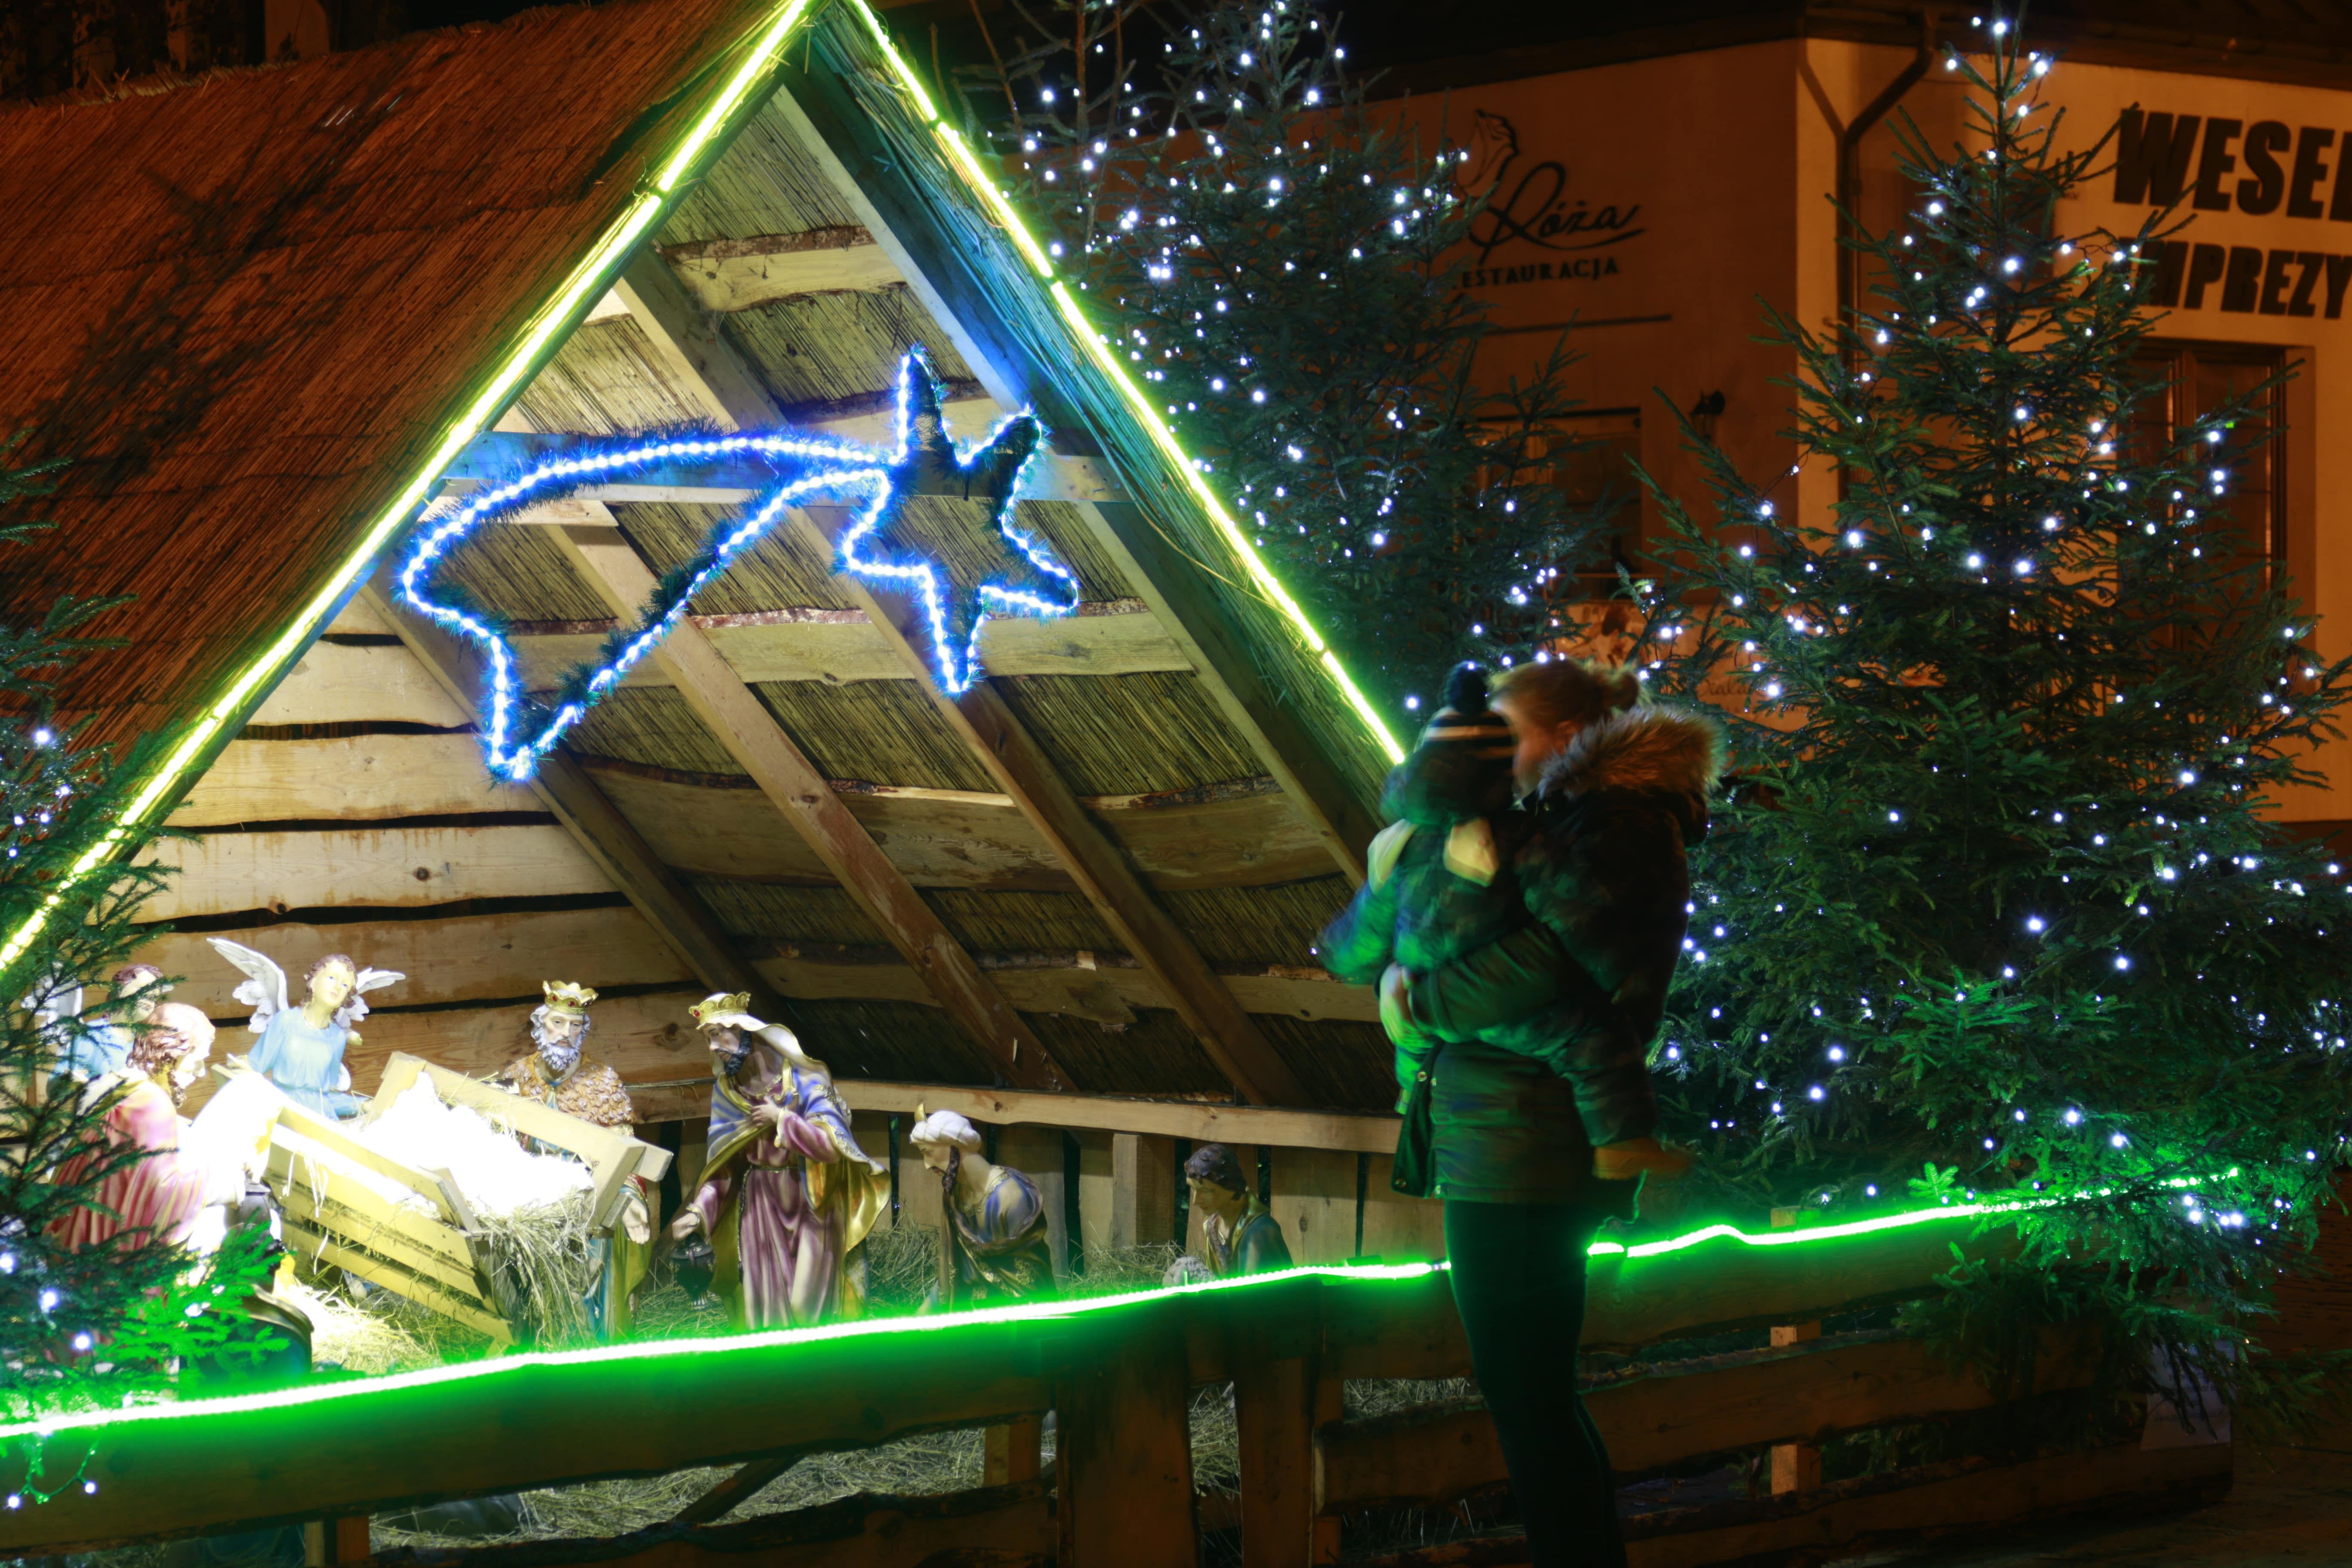 Modliborzyce: Interaktywna szopka bożonarodzeniowa